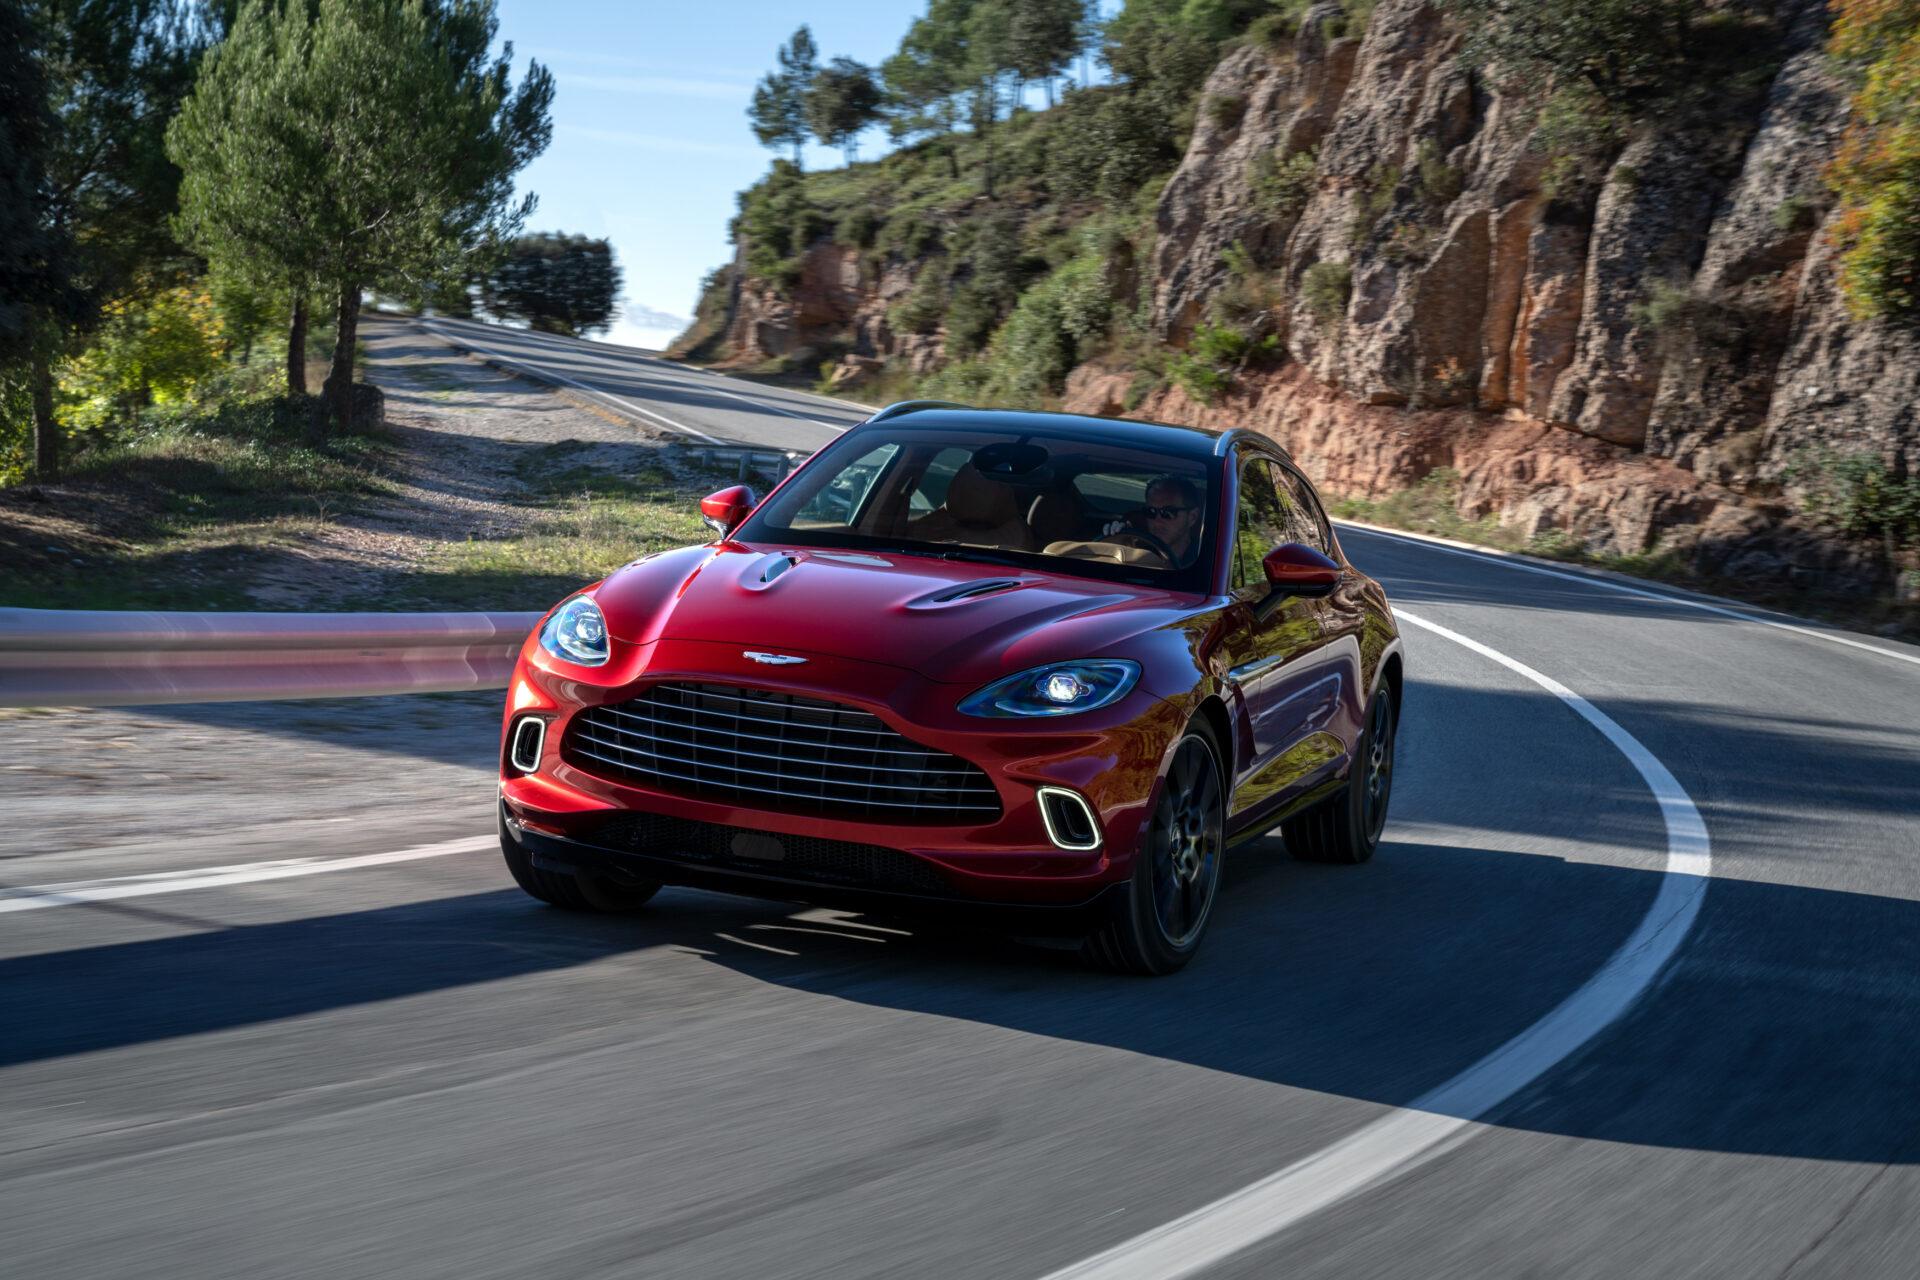 Aston Martin, la tradicional marca de autos deportivos que se sumó al furor de los SUV | Garantia Plus